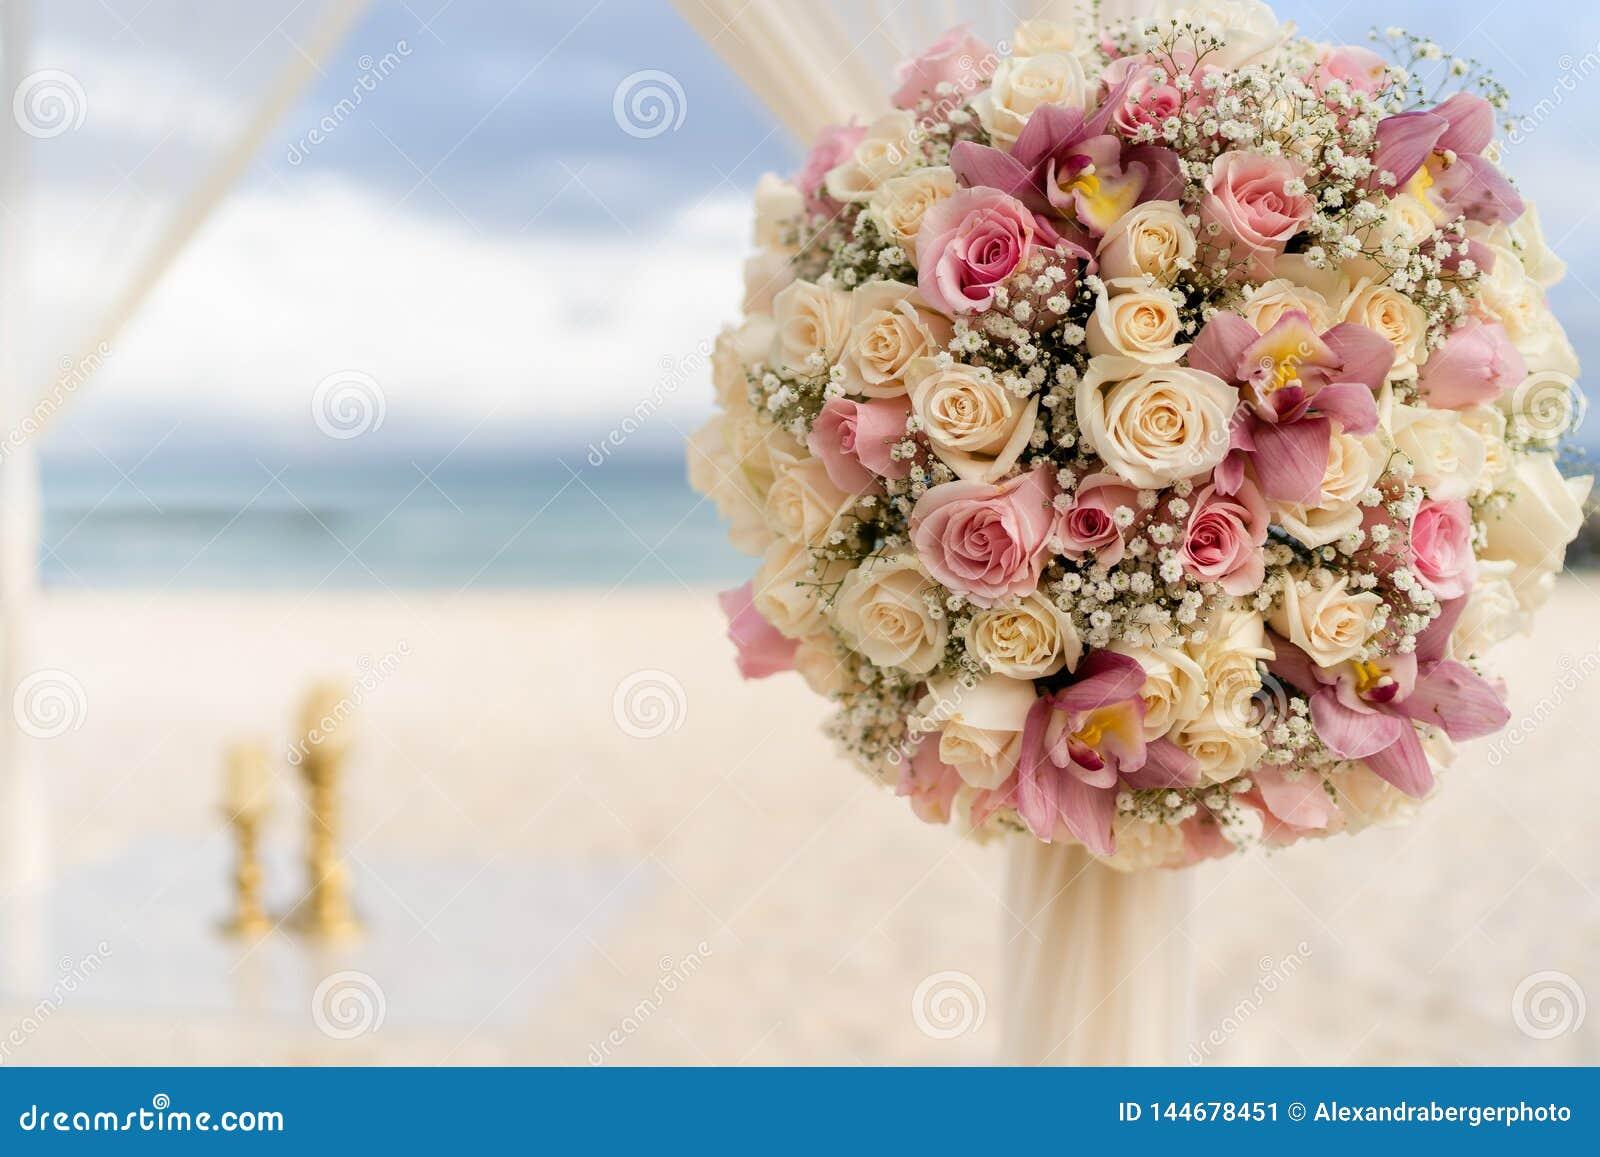 Romantische decoratie met bloemen van een strandhuwelijk op het strand met overzees op de achtergrond